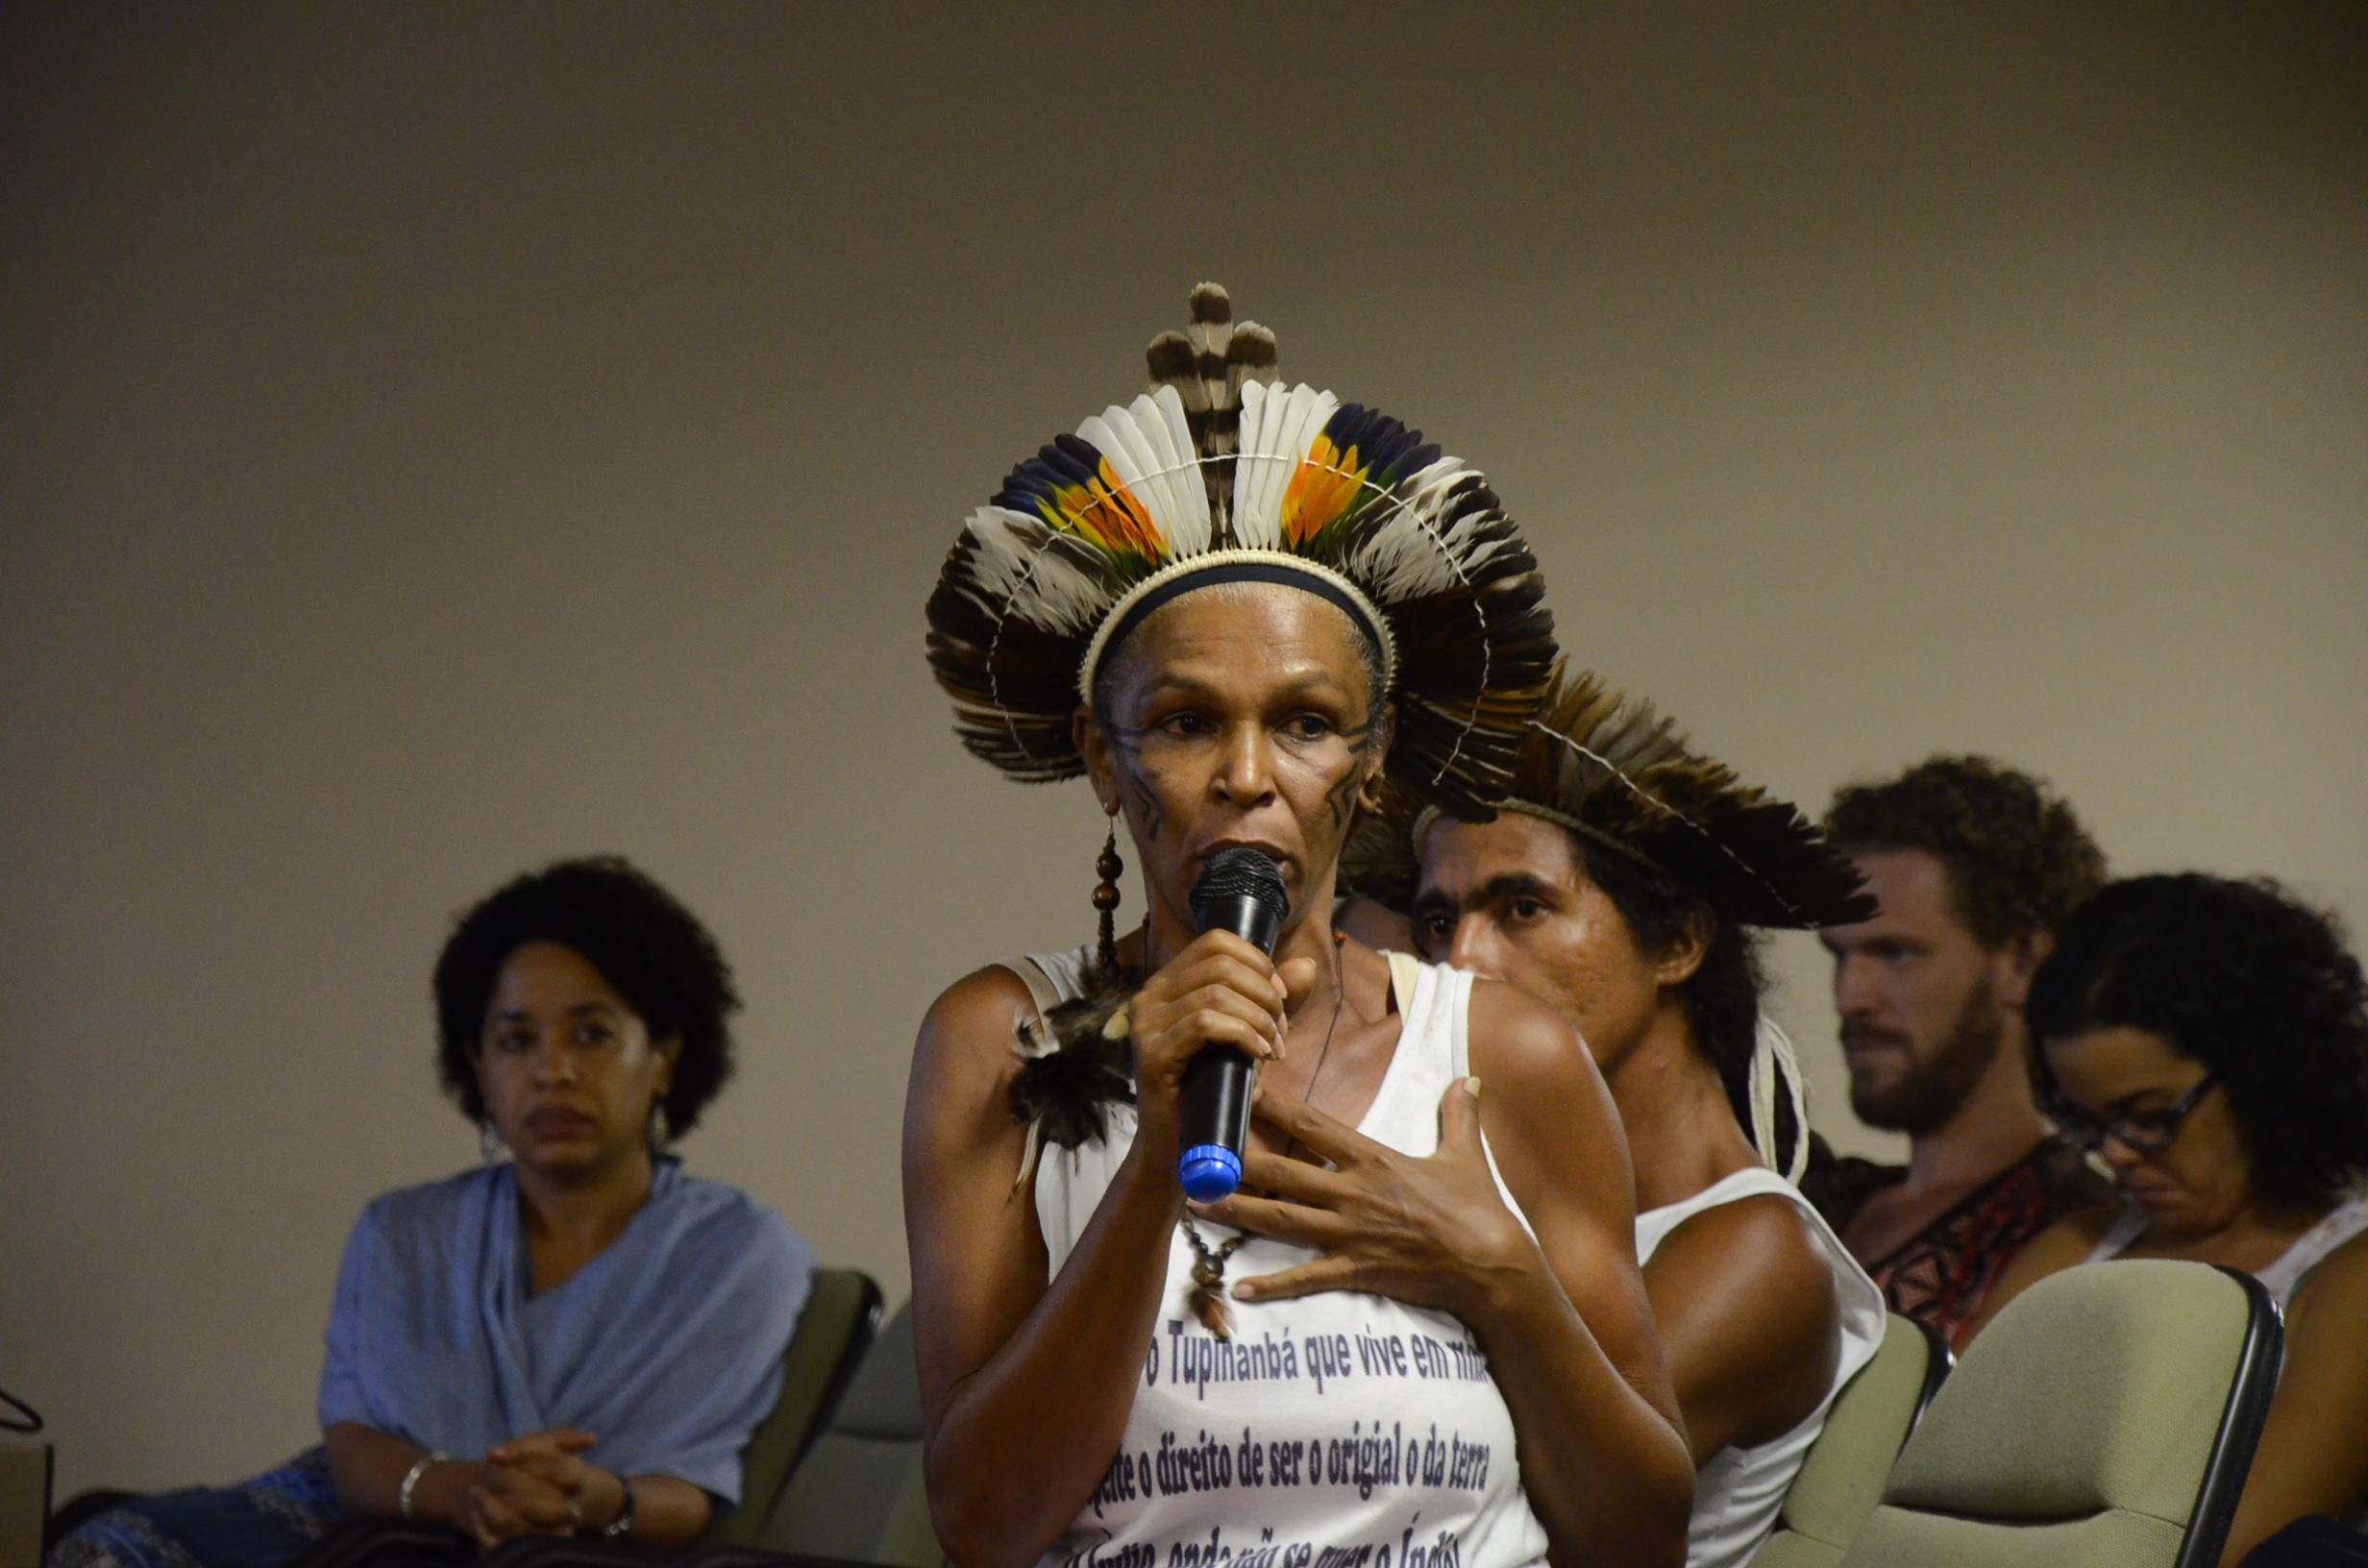 Tainã Andrade questiona o lugar de fala sobre os indígenas no Brasil. Foto: Gustavo Salgado